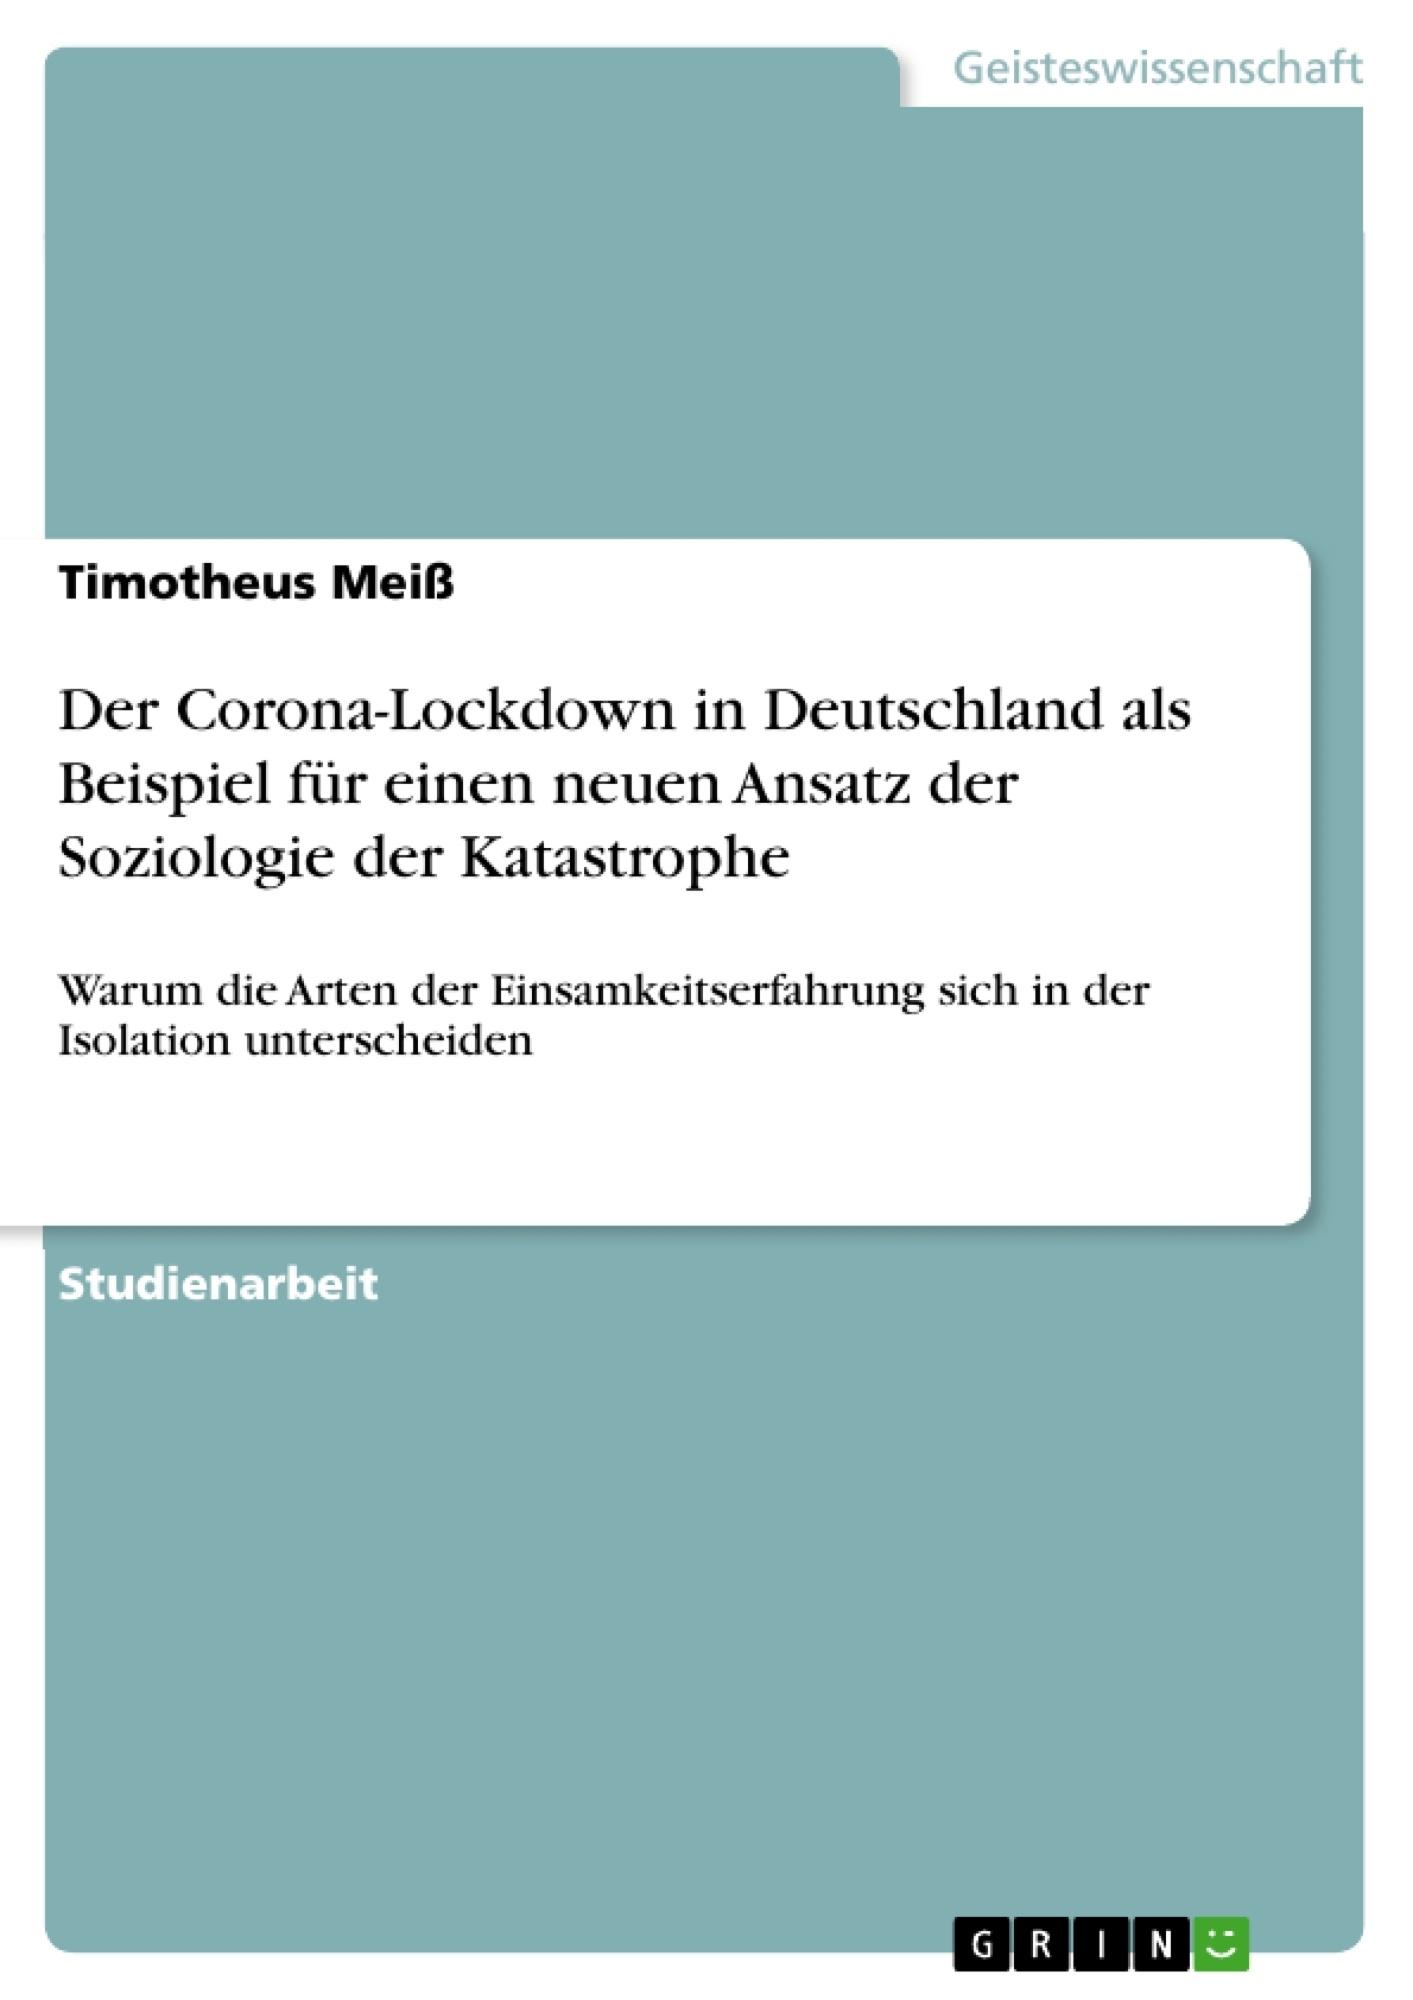 Titel: Der Corona-Lockdown in Deutschland als Beispiel für einen neuen Ansatz der Soziologie der Katastrophe